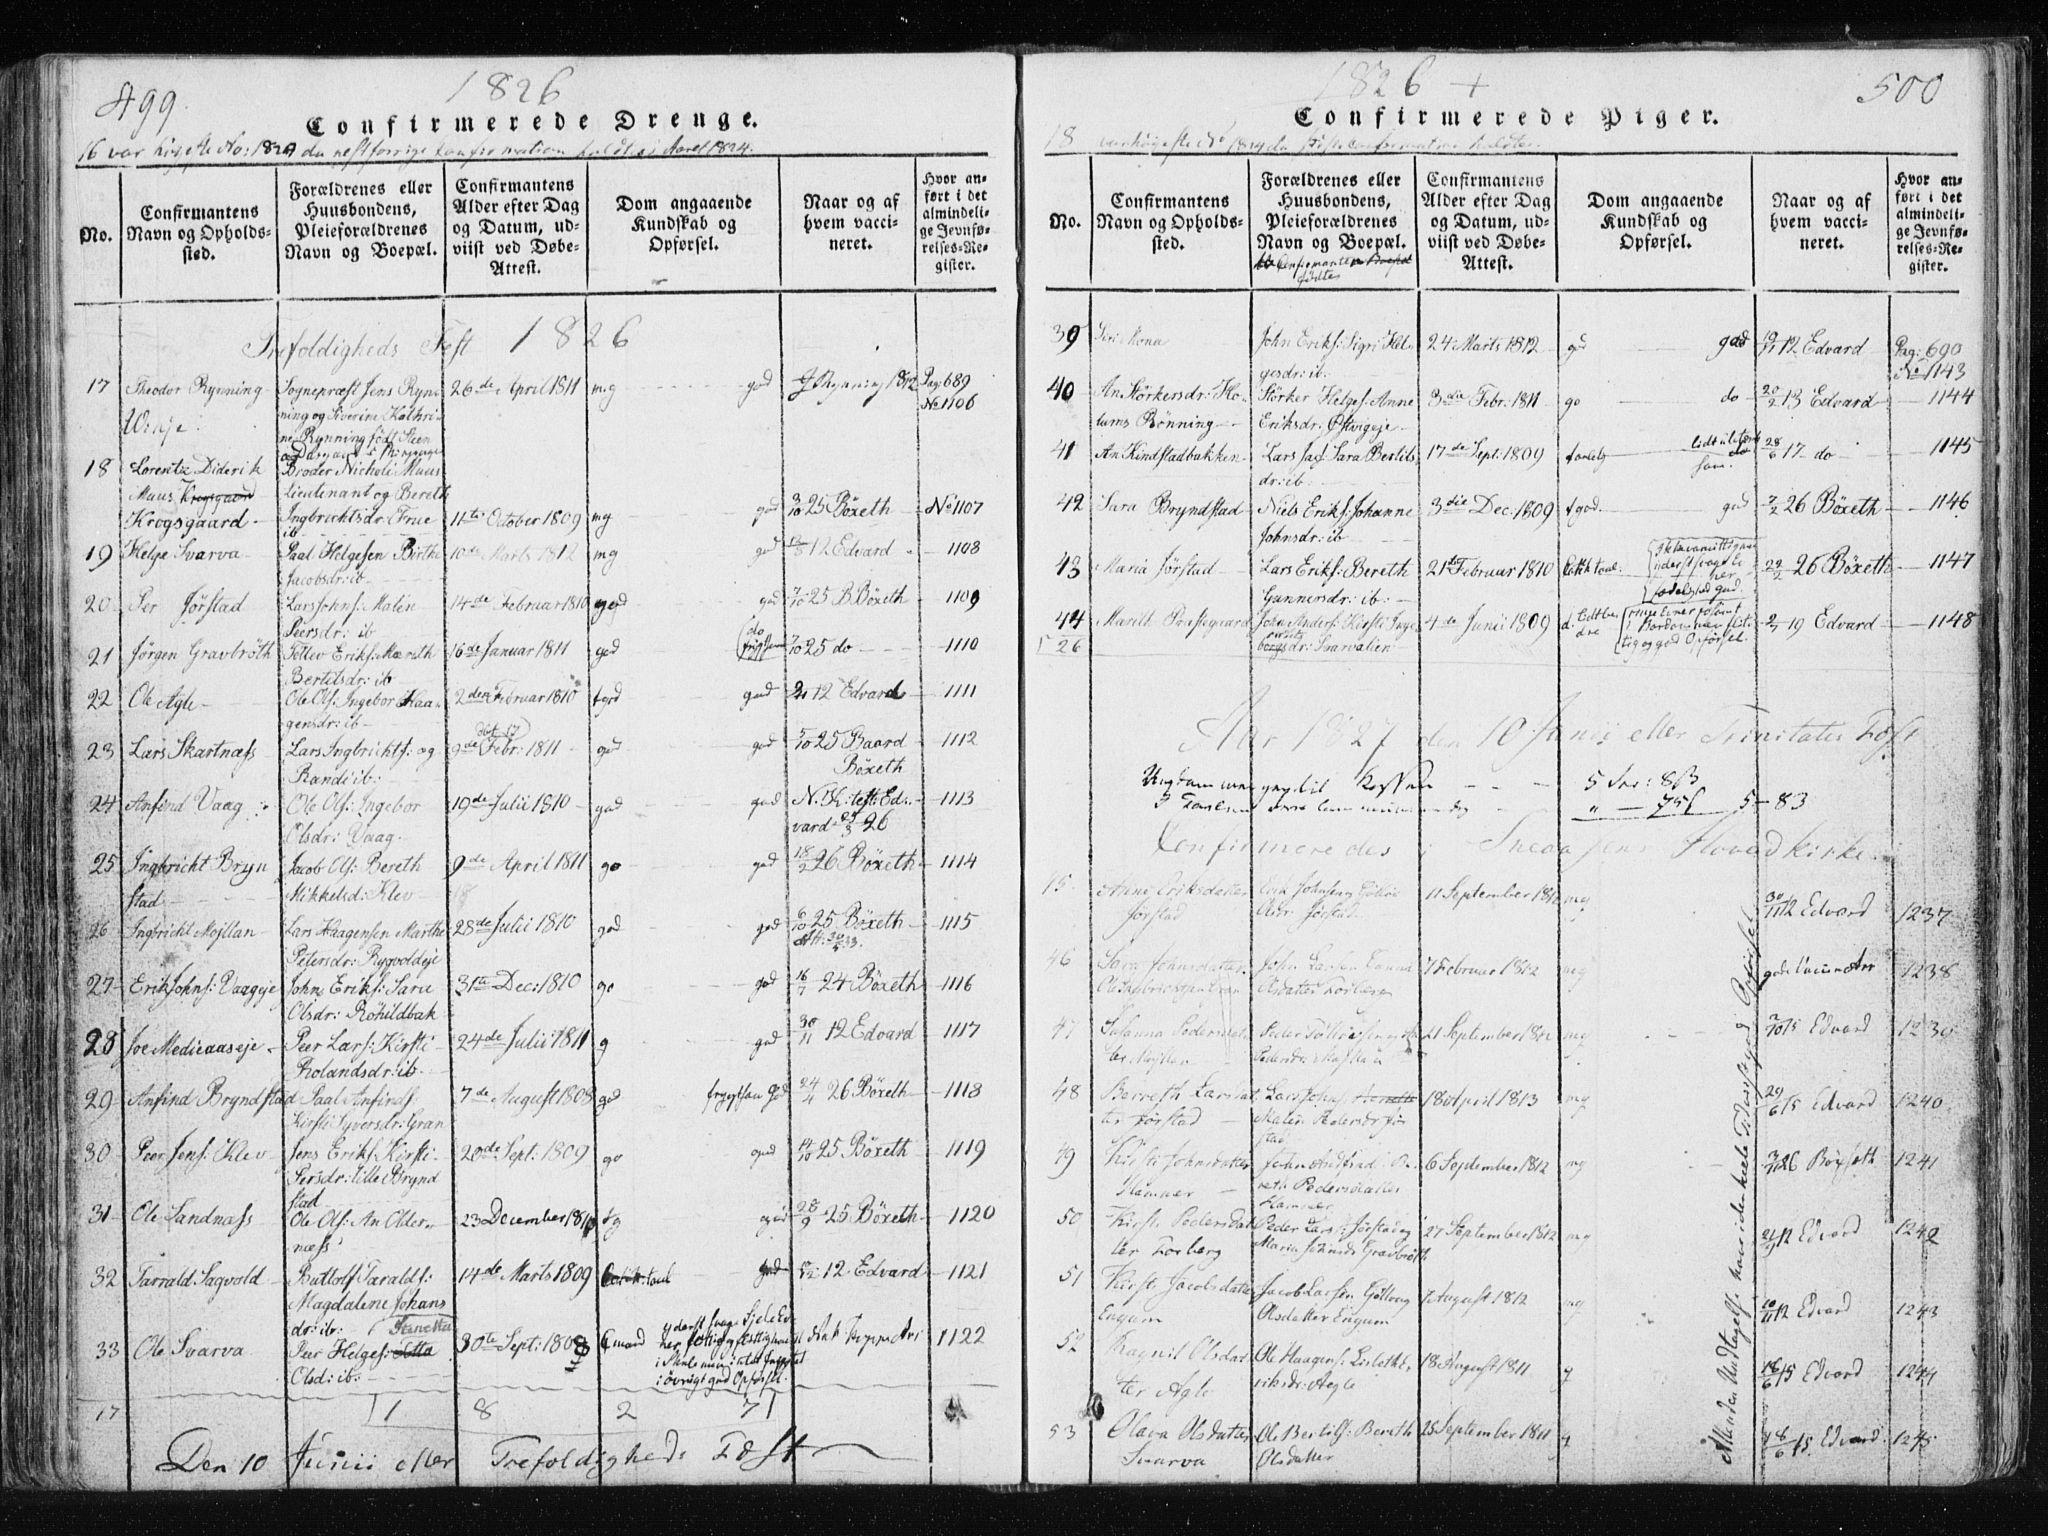 SAT, Ministerialprotokoller, klokkerbøker og fødselsregistre - Nord-Trøndelag, 749/L0469: Ministerialbok nr. 749A03, 1817-1857, s. 499-500